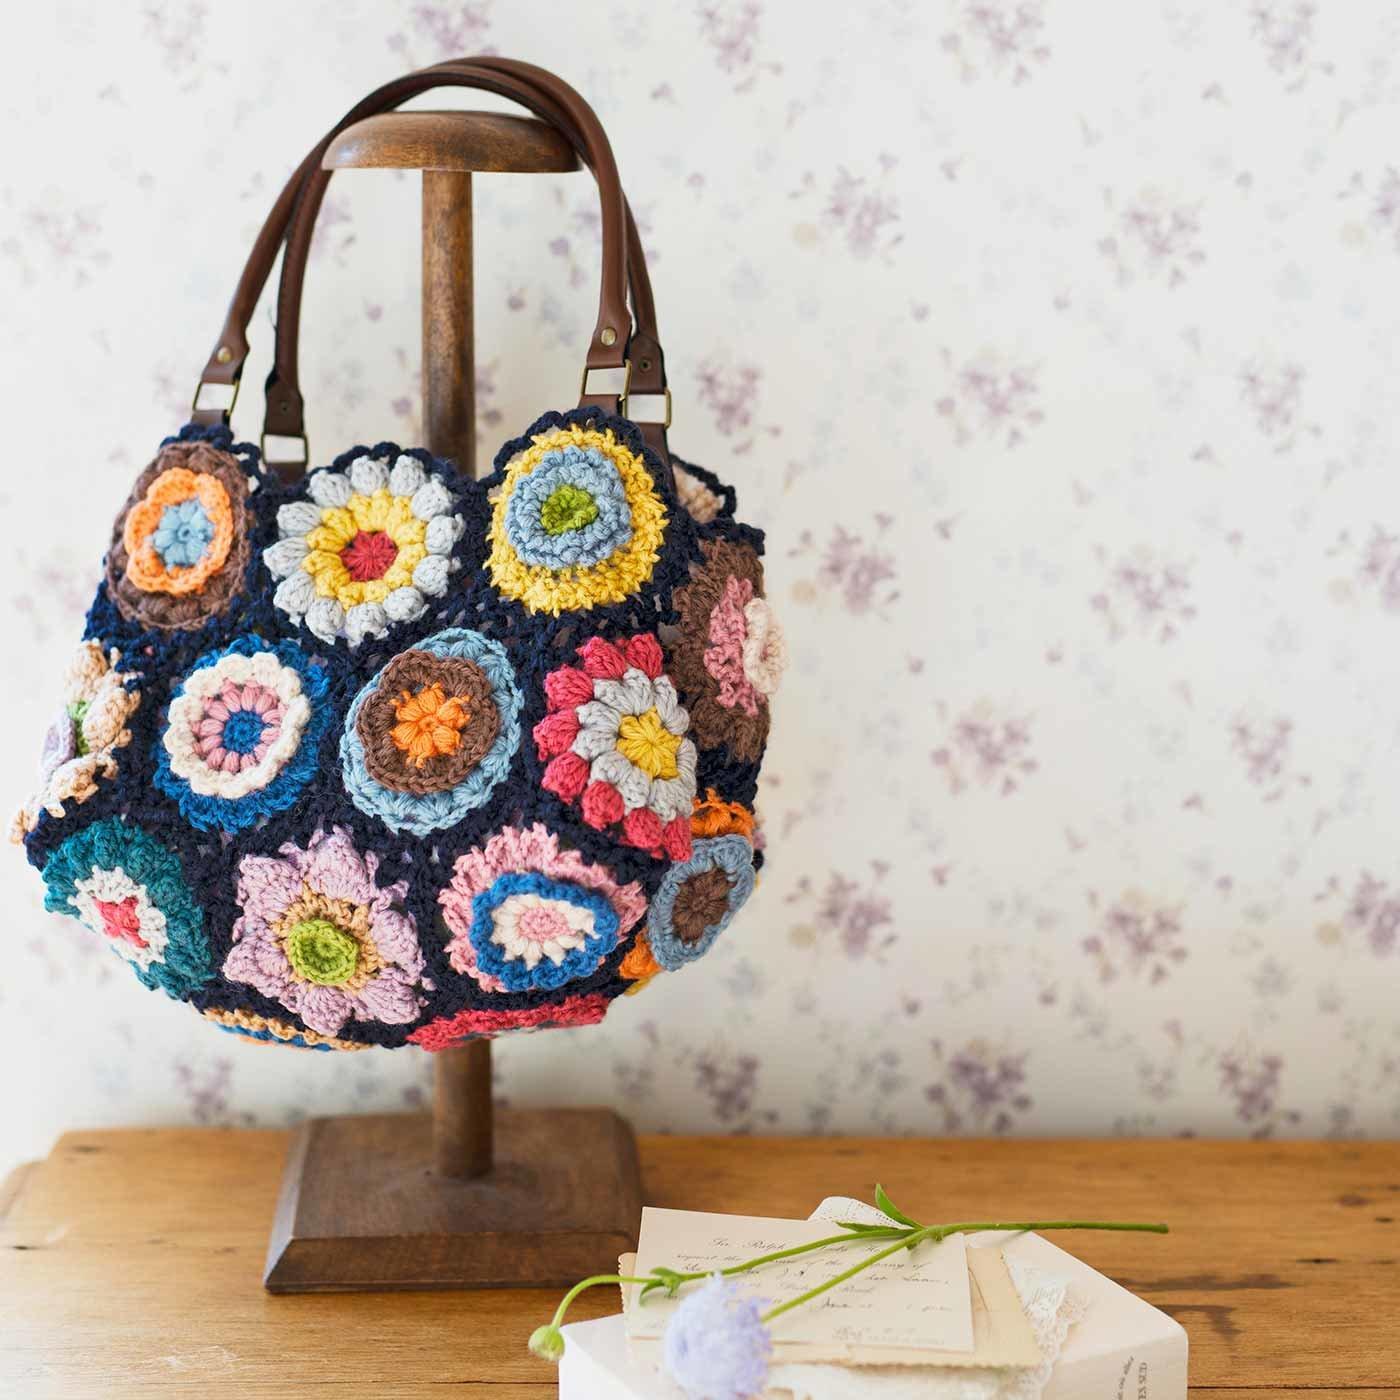 ぷっくりまんまる模様に夢中! ほっこりカラーを編みつなぐ かぎ針編みモチーフの会